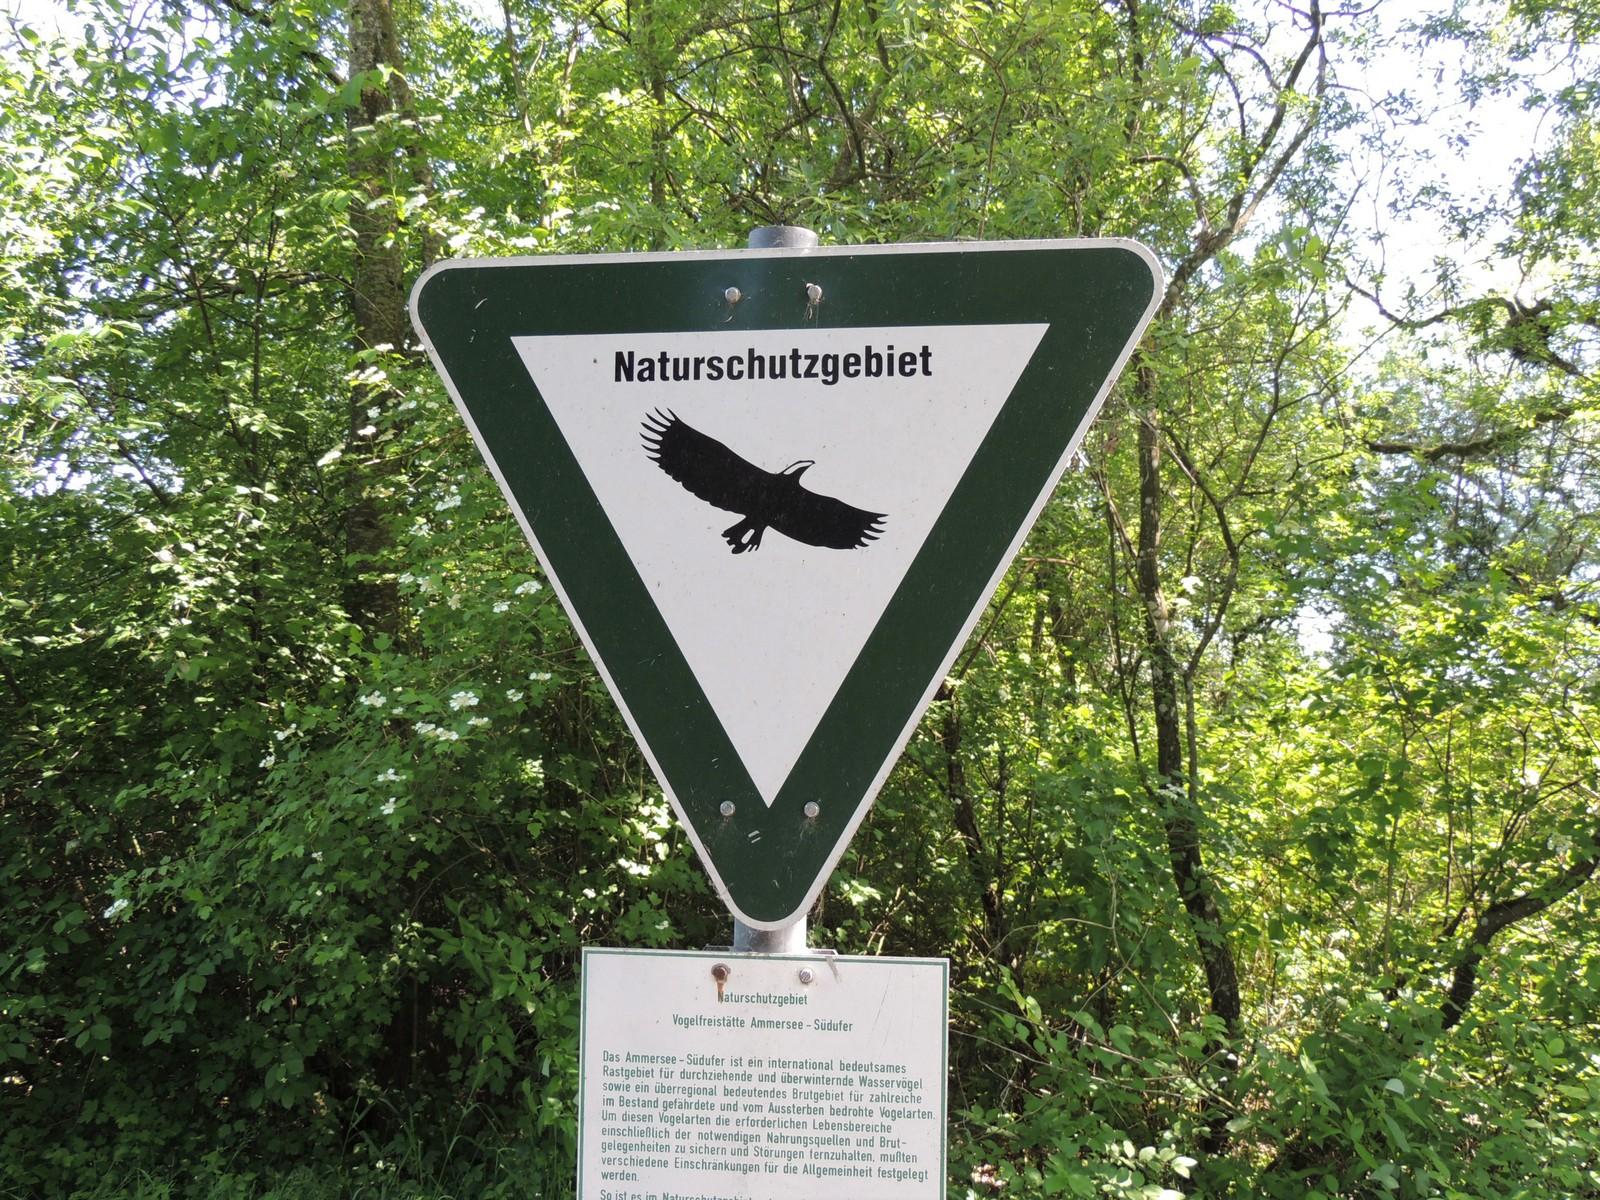 Naturschutzgebiet Vogelfreistätte Ammersee-Südufer